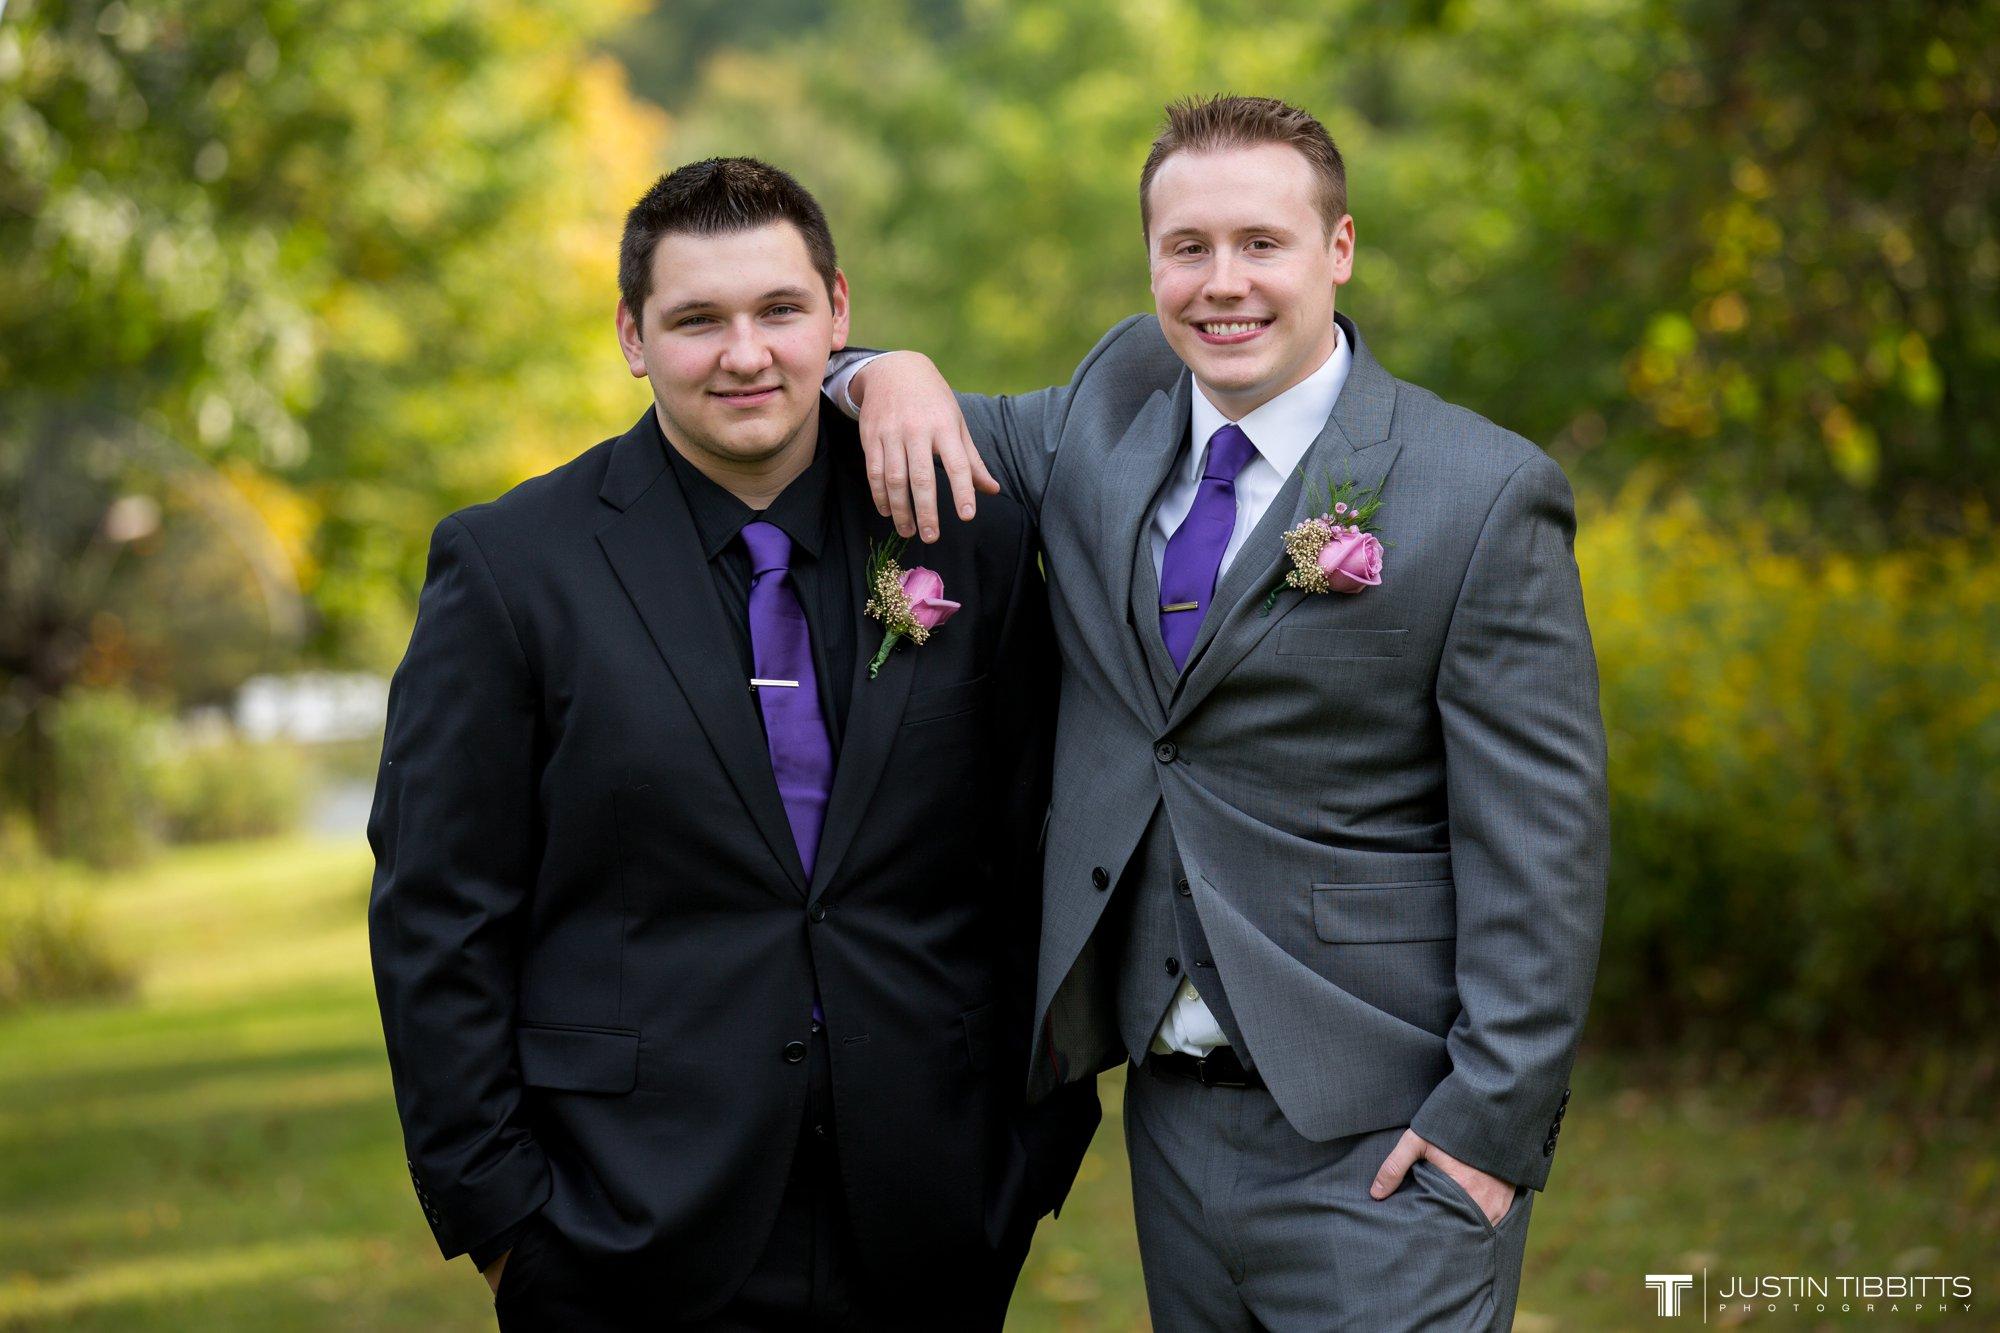 Justin Tibbitts Photography Rob and Brittany's Averill Park, NY Wedding_0393